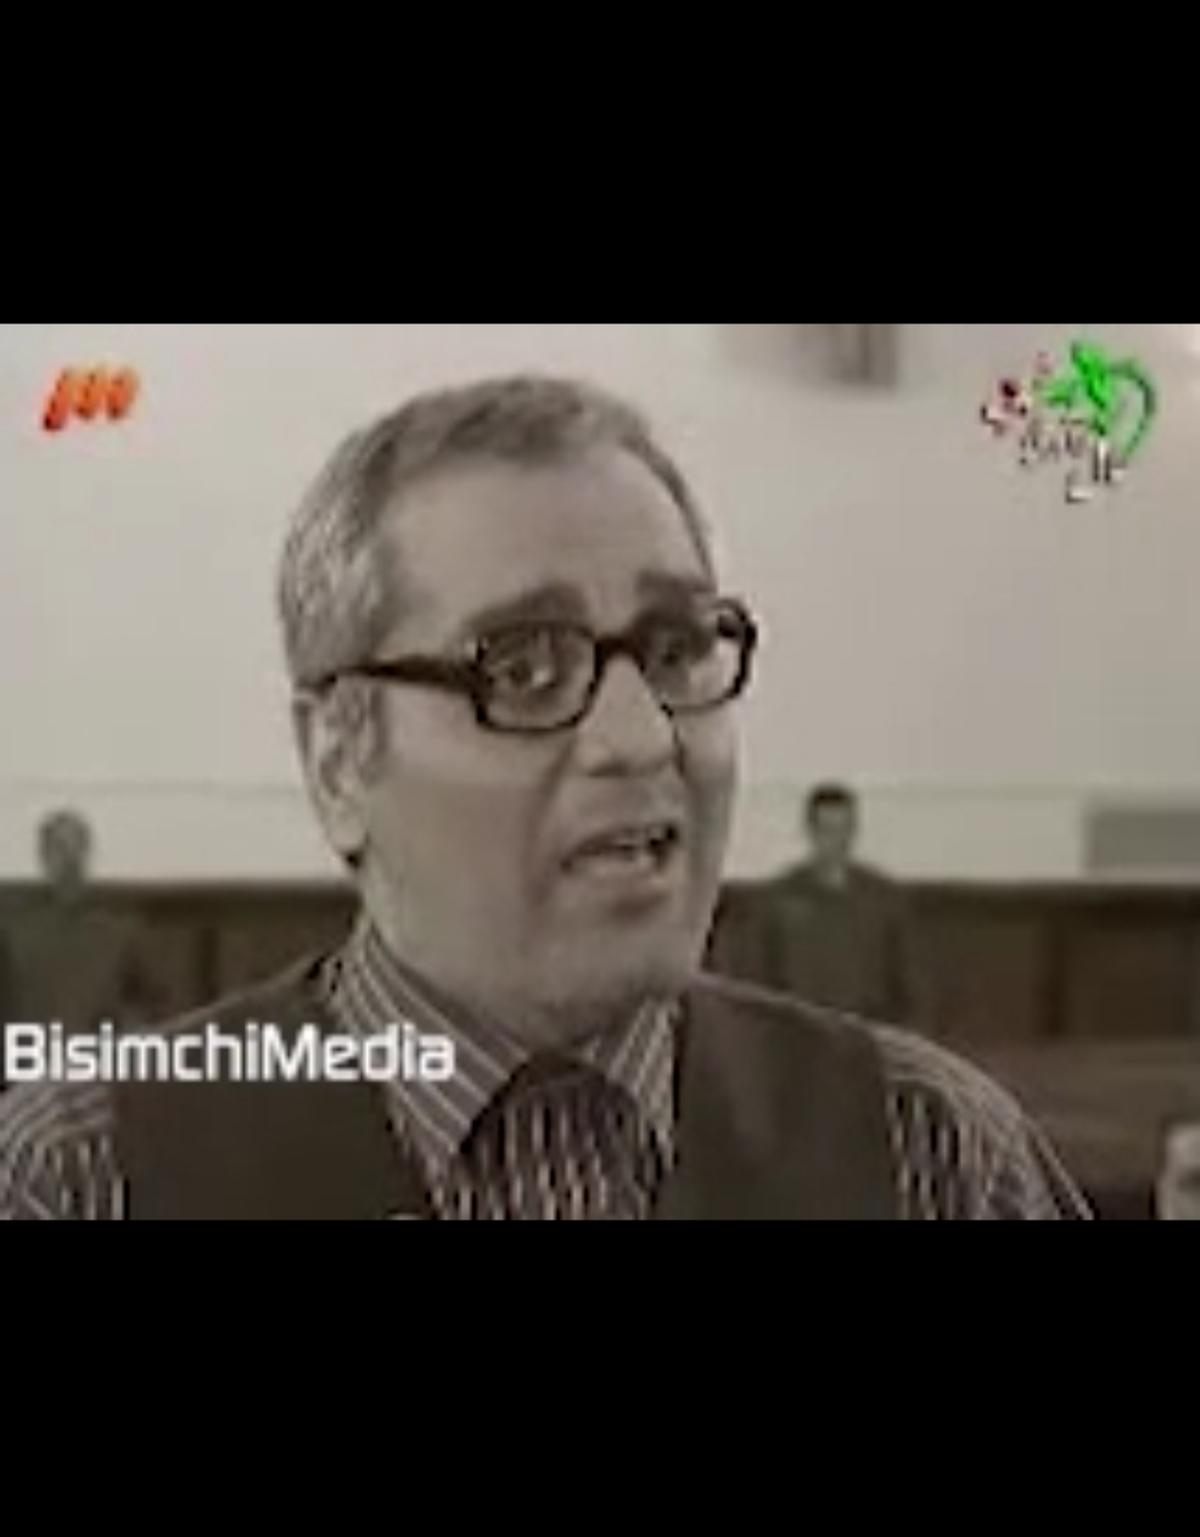 دفاعیات اکبر طبری را مهران مدیری پیش بینی کرده بود + ویدئو